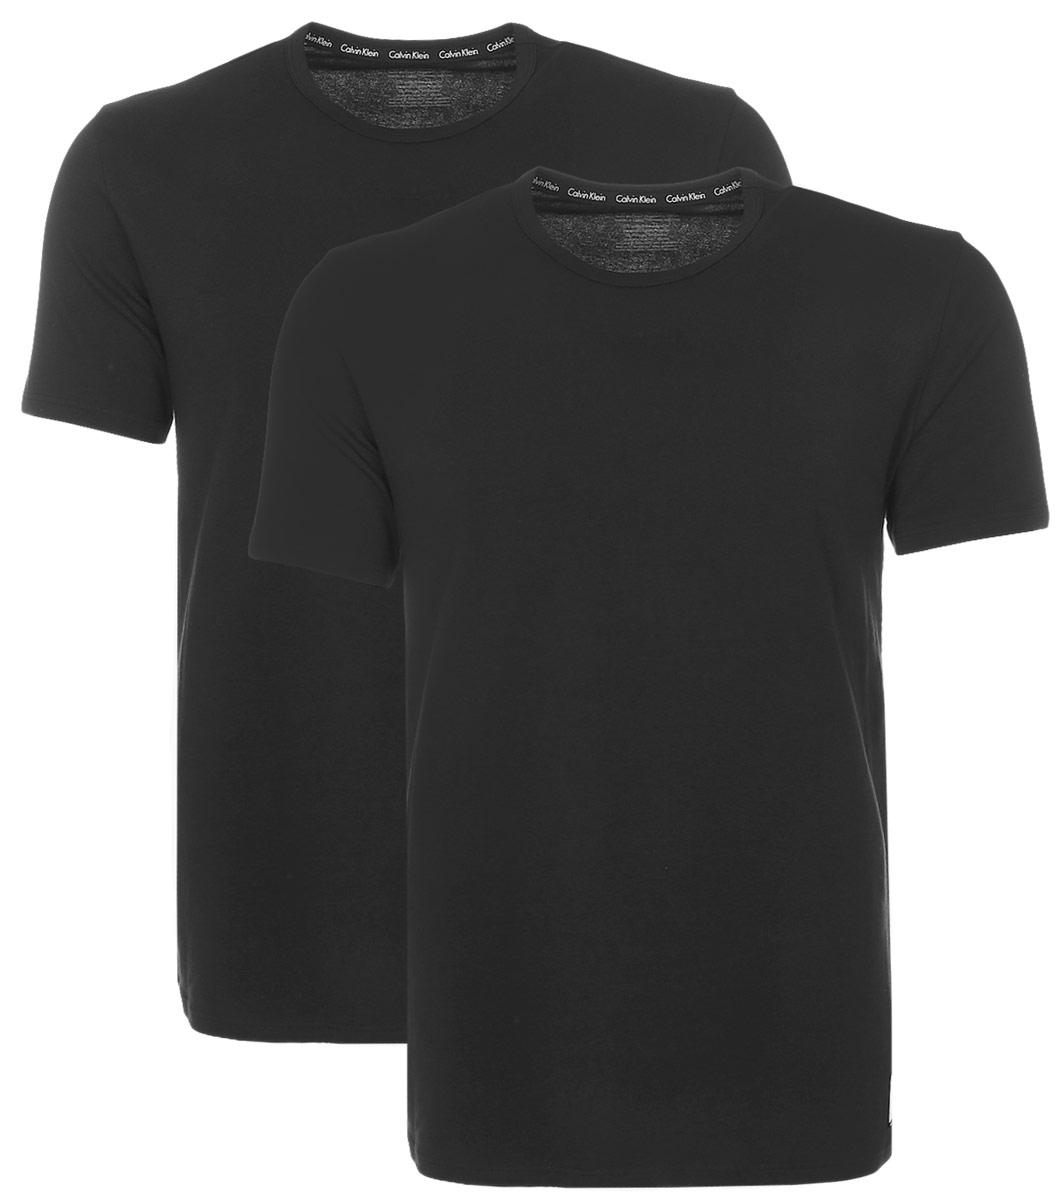 Футболка для дома мужская Calvin Klein Underwear, цвет: черный, 2 шт. NU8697A. Размер S (44)NU8697AМужская футболка Calvin Klein Underwear изготовлена из натурального хлопка с добавлением эластана. Модель с круглой горловиной и короткими рукавами. Футболка дополнена квадратной нашивкой с названием бренда.